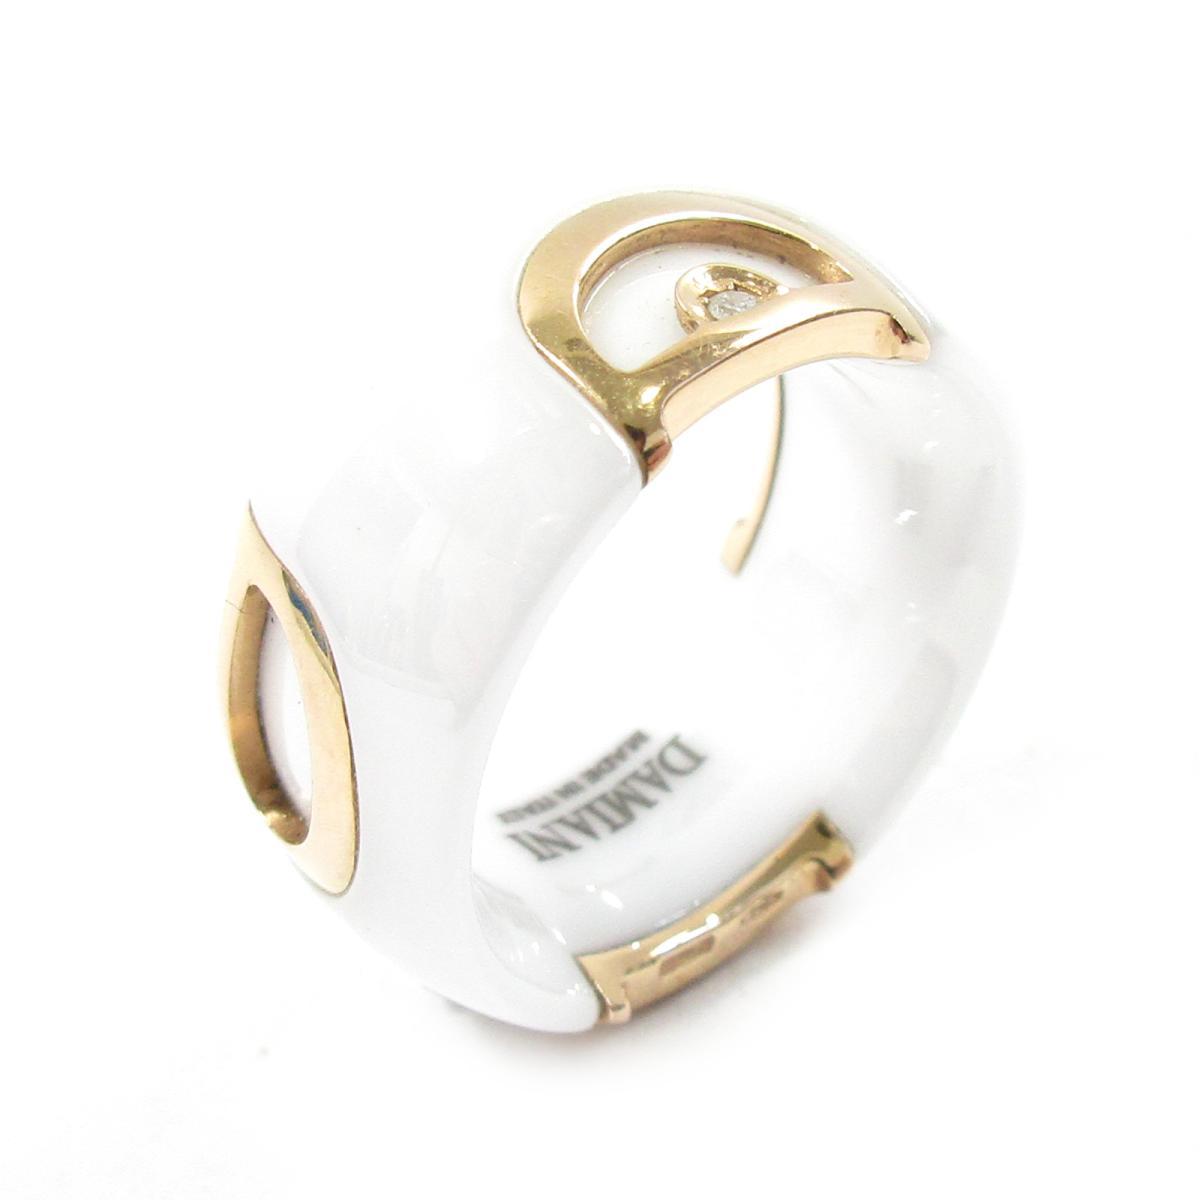 【中古】 ダミアーニ D.iconリング 指輪 レディース K18PG (750) ピンクゴールド x セラミック ダイヤモンド ホワート ピンクゴ-ルド | DAMIANI BRANDOFF ブランドオフ ブランド ジュエリー アクセサリー リング